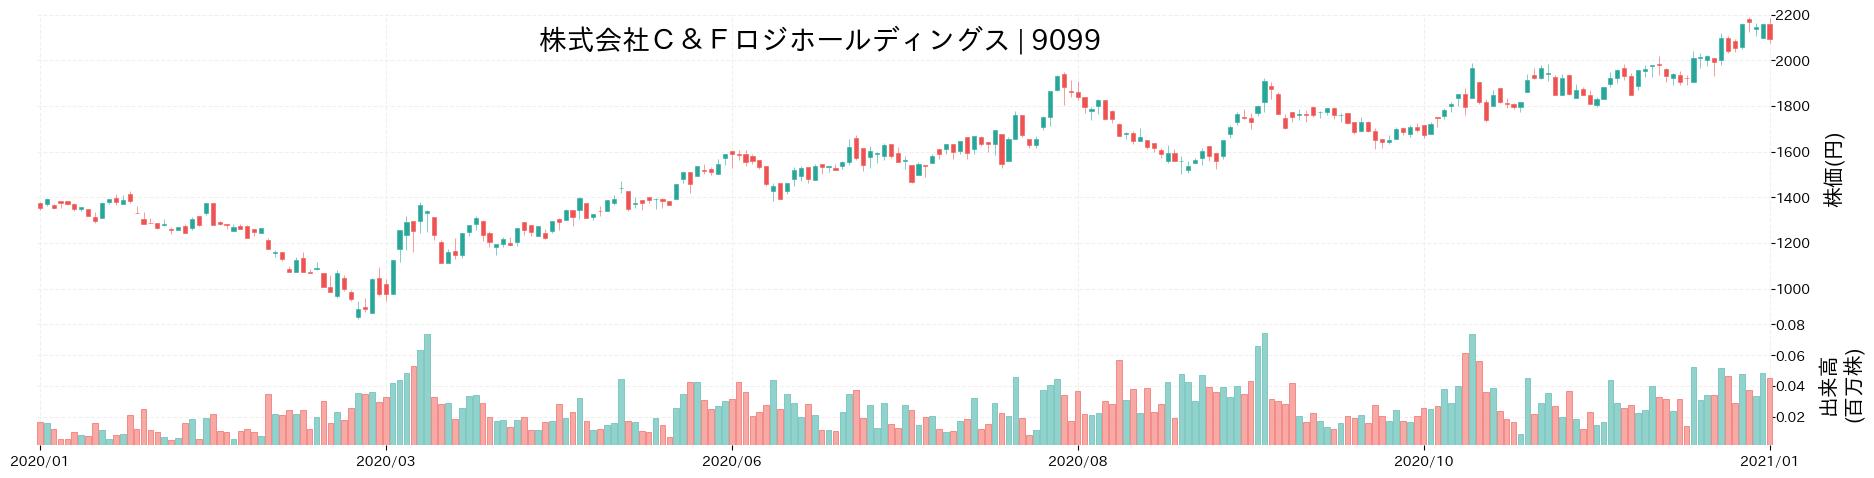 株式会社C&Fロジホールディングスの株価推移(2020)